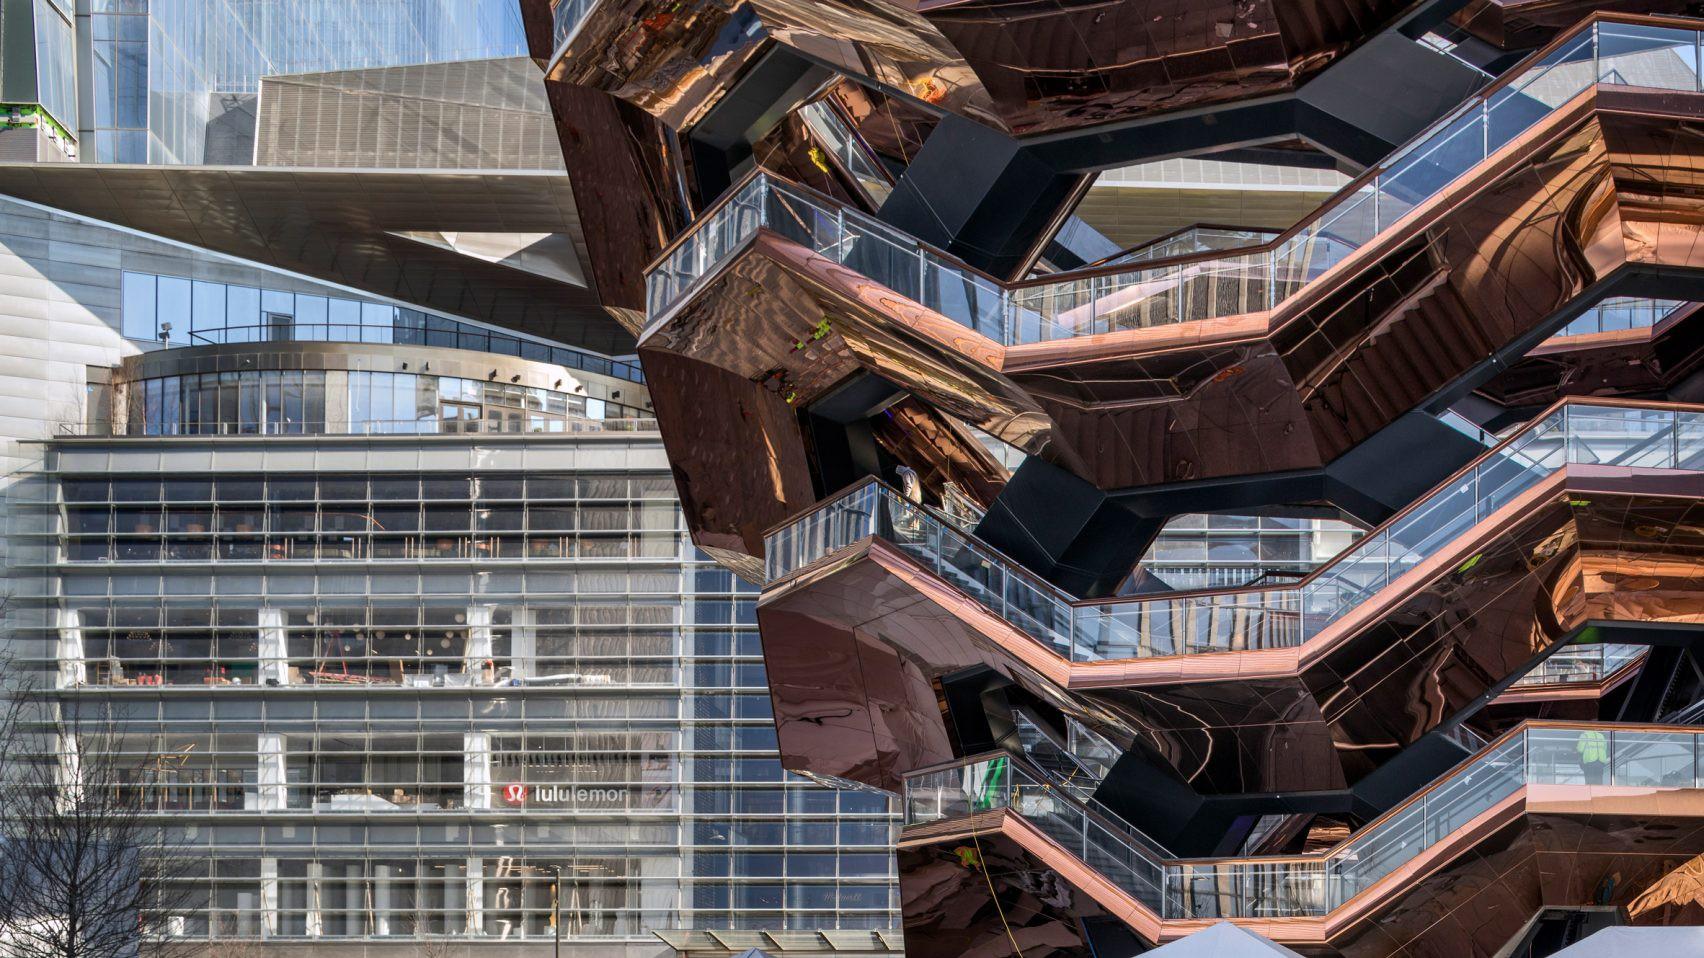 Ghé thăm toà nhà mới nổi được ví như siêu kiến trúc của New York, phức tạp và đau đầu hơn tất cả người yêu cũ của bạn cộng lại - Ảnh 4.